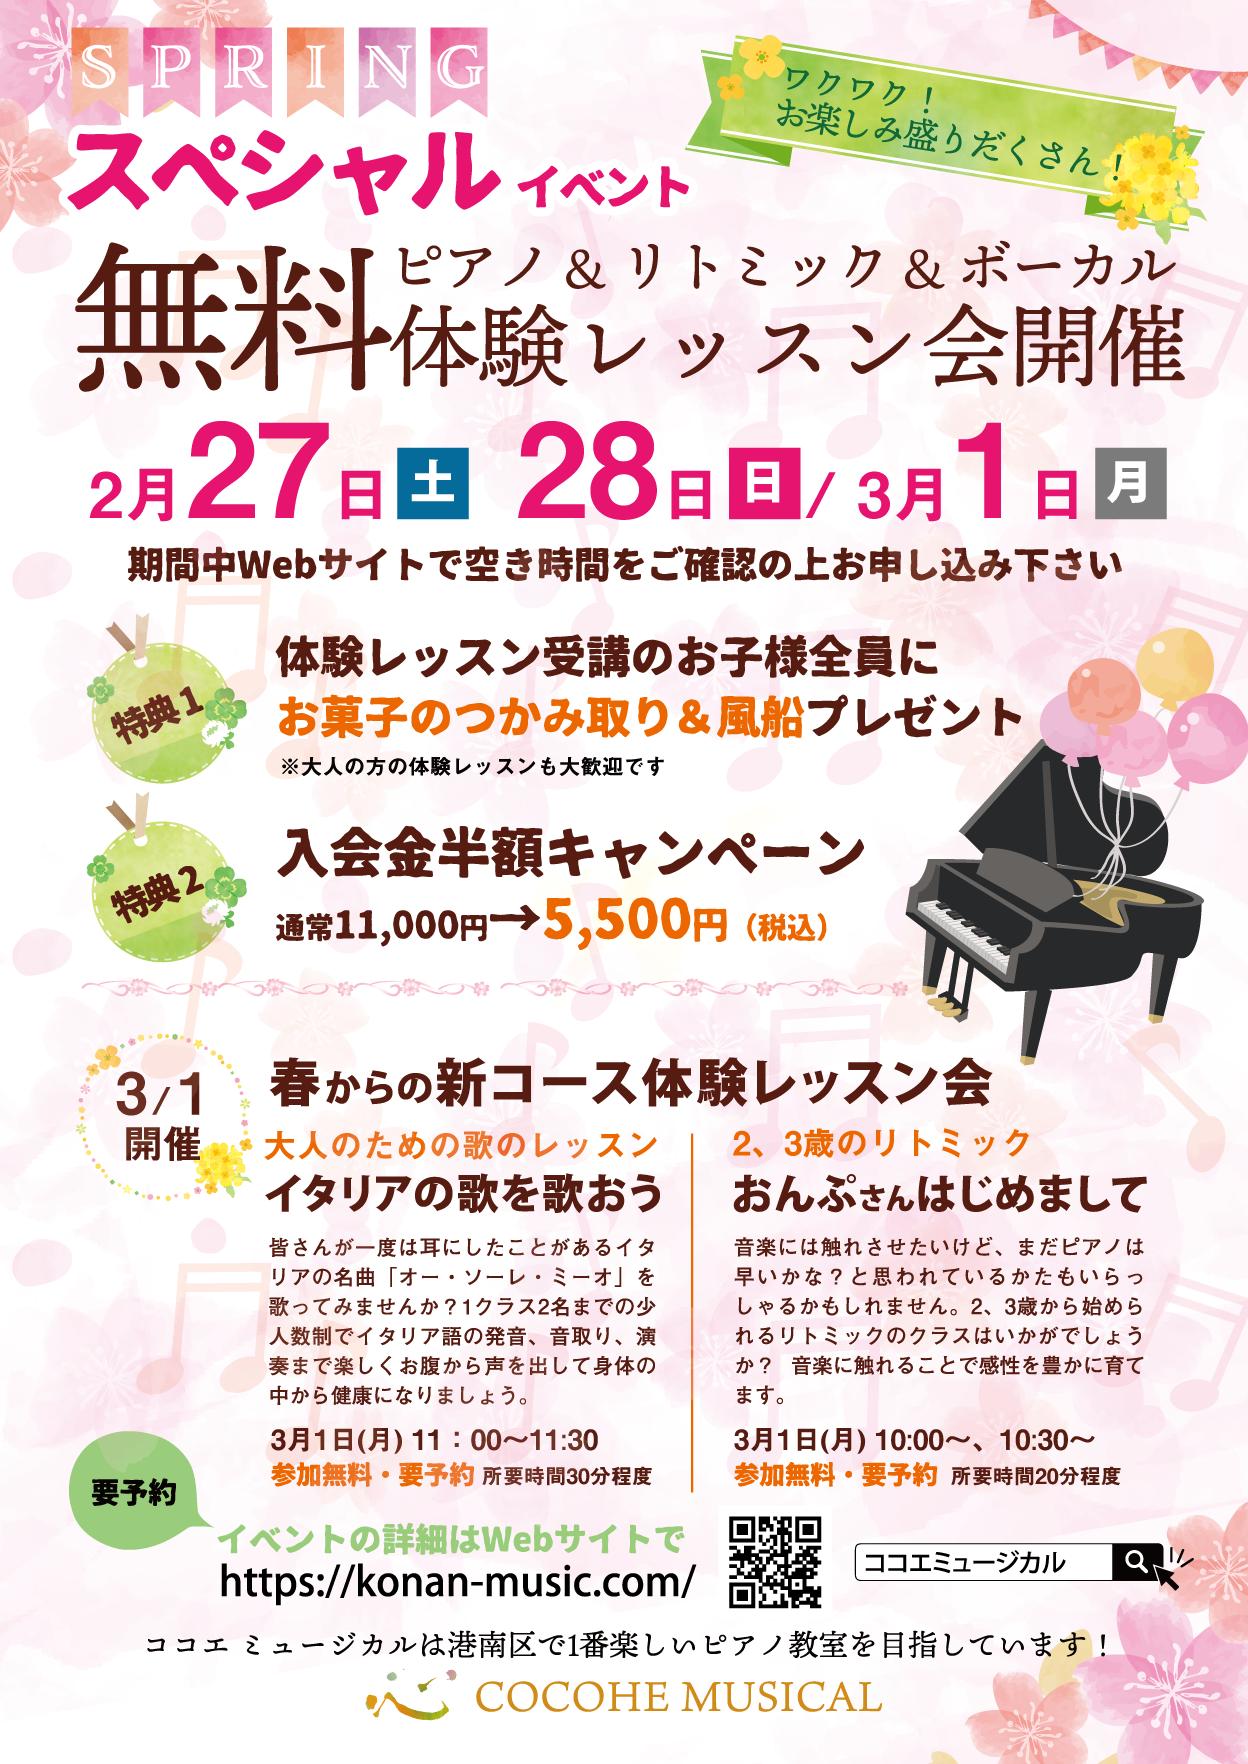 春のスペシャルイベント ピアノの無料体験レッスン会 チラシ